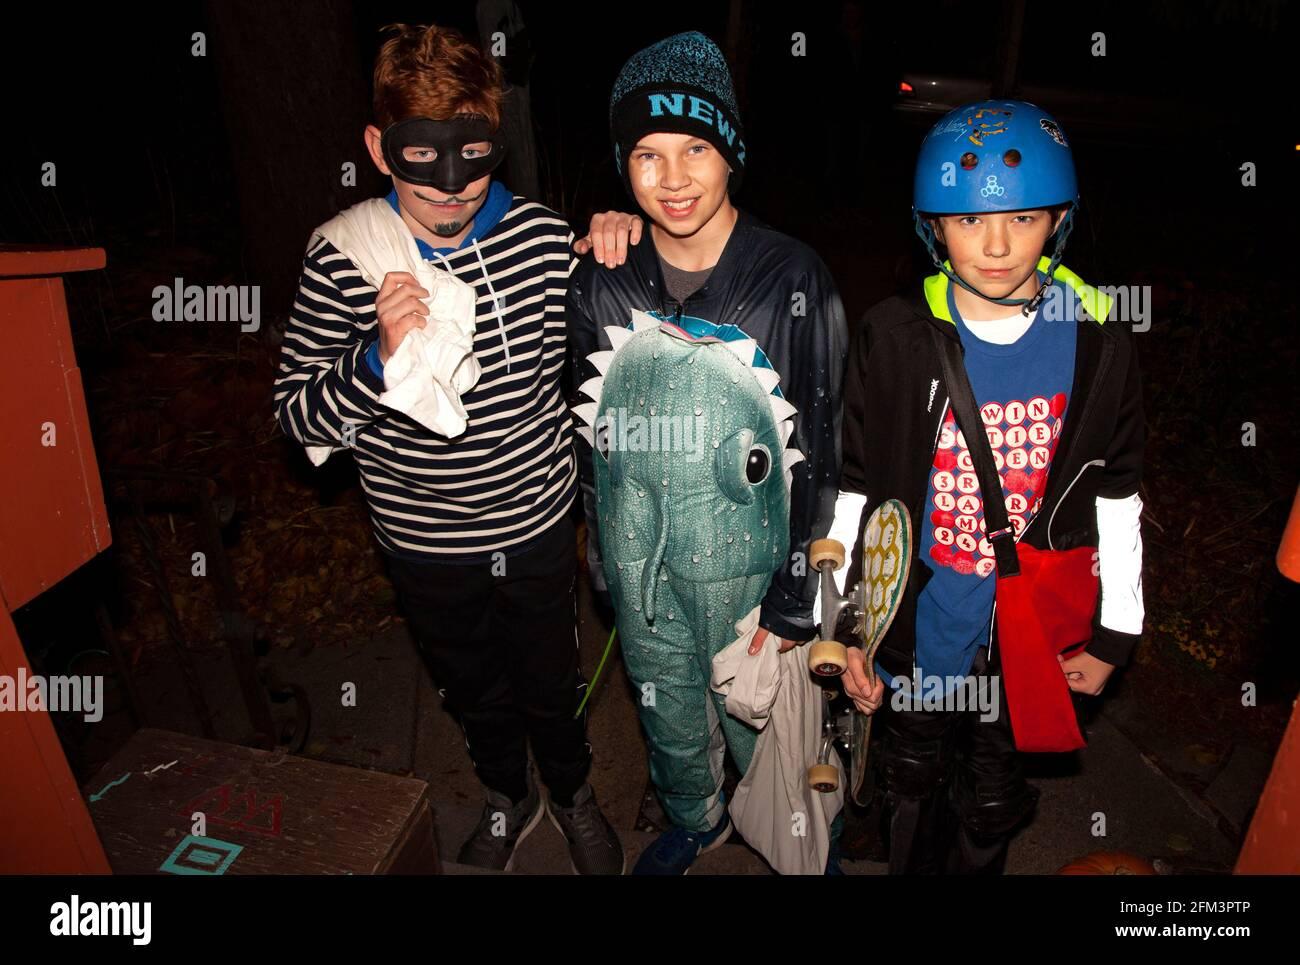 Truco de Halloween y tratadores disfrazados como un burglar de tiburón y skateboarder. St Paul Minnesota MN EE.UU Foto de stock